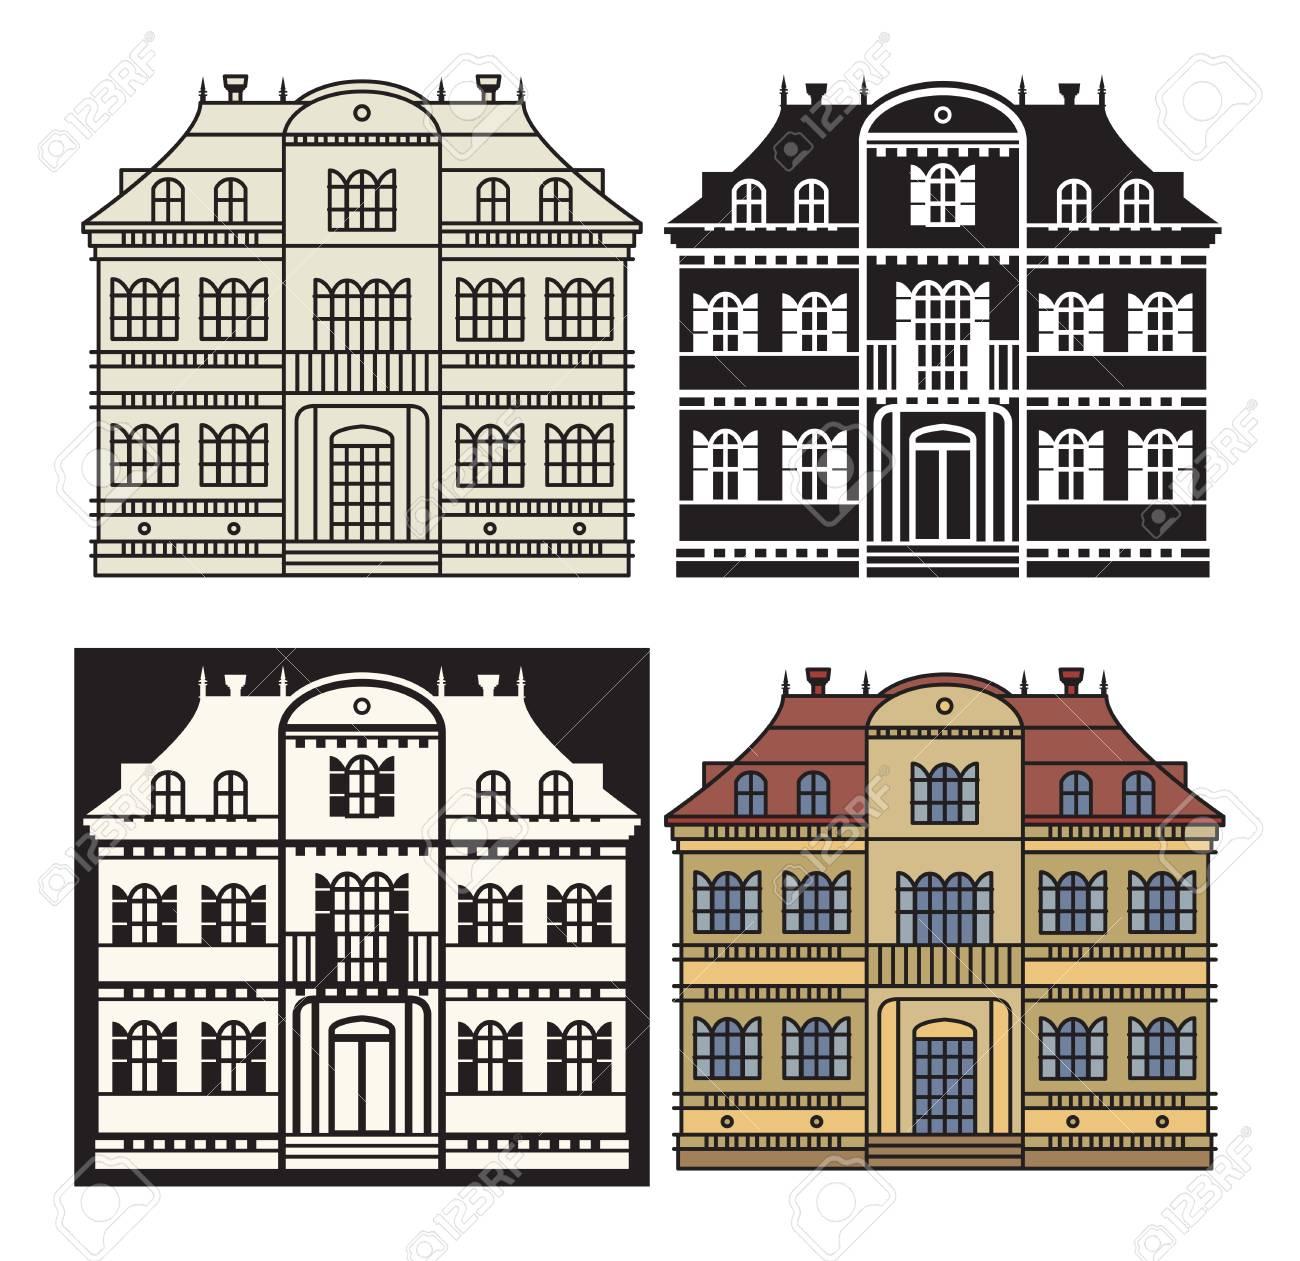 Wohnung Wohnhaus Und Detaillierte Haus Außen. Haussymbol. Haus ...